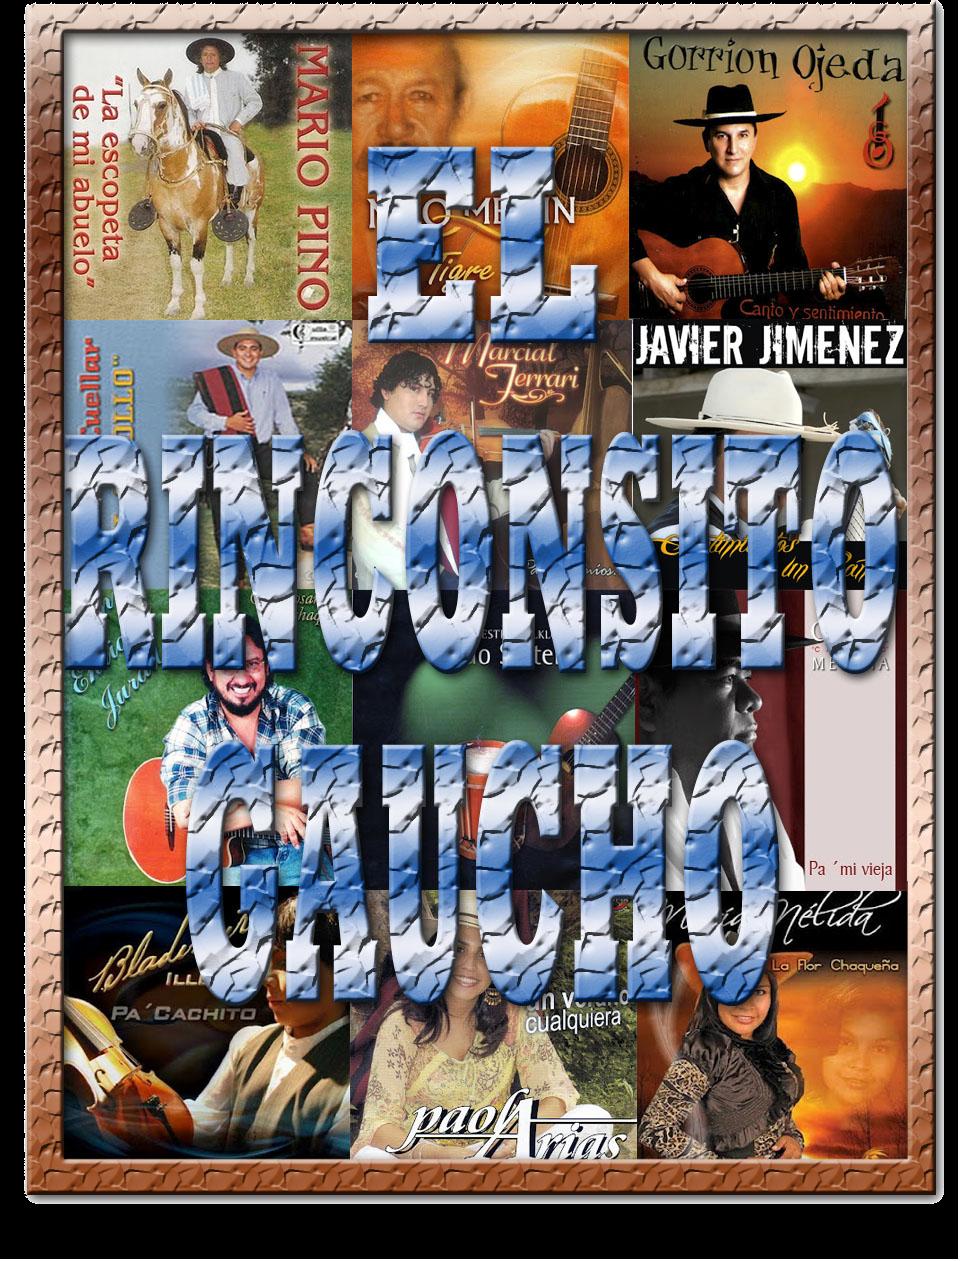 El Rinconsito Gaucho